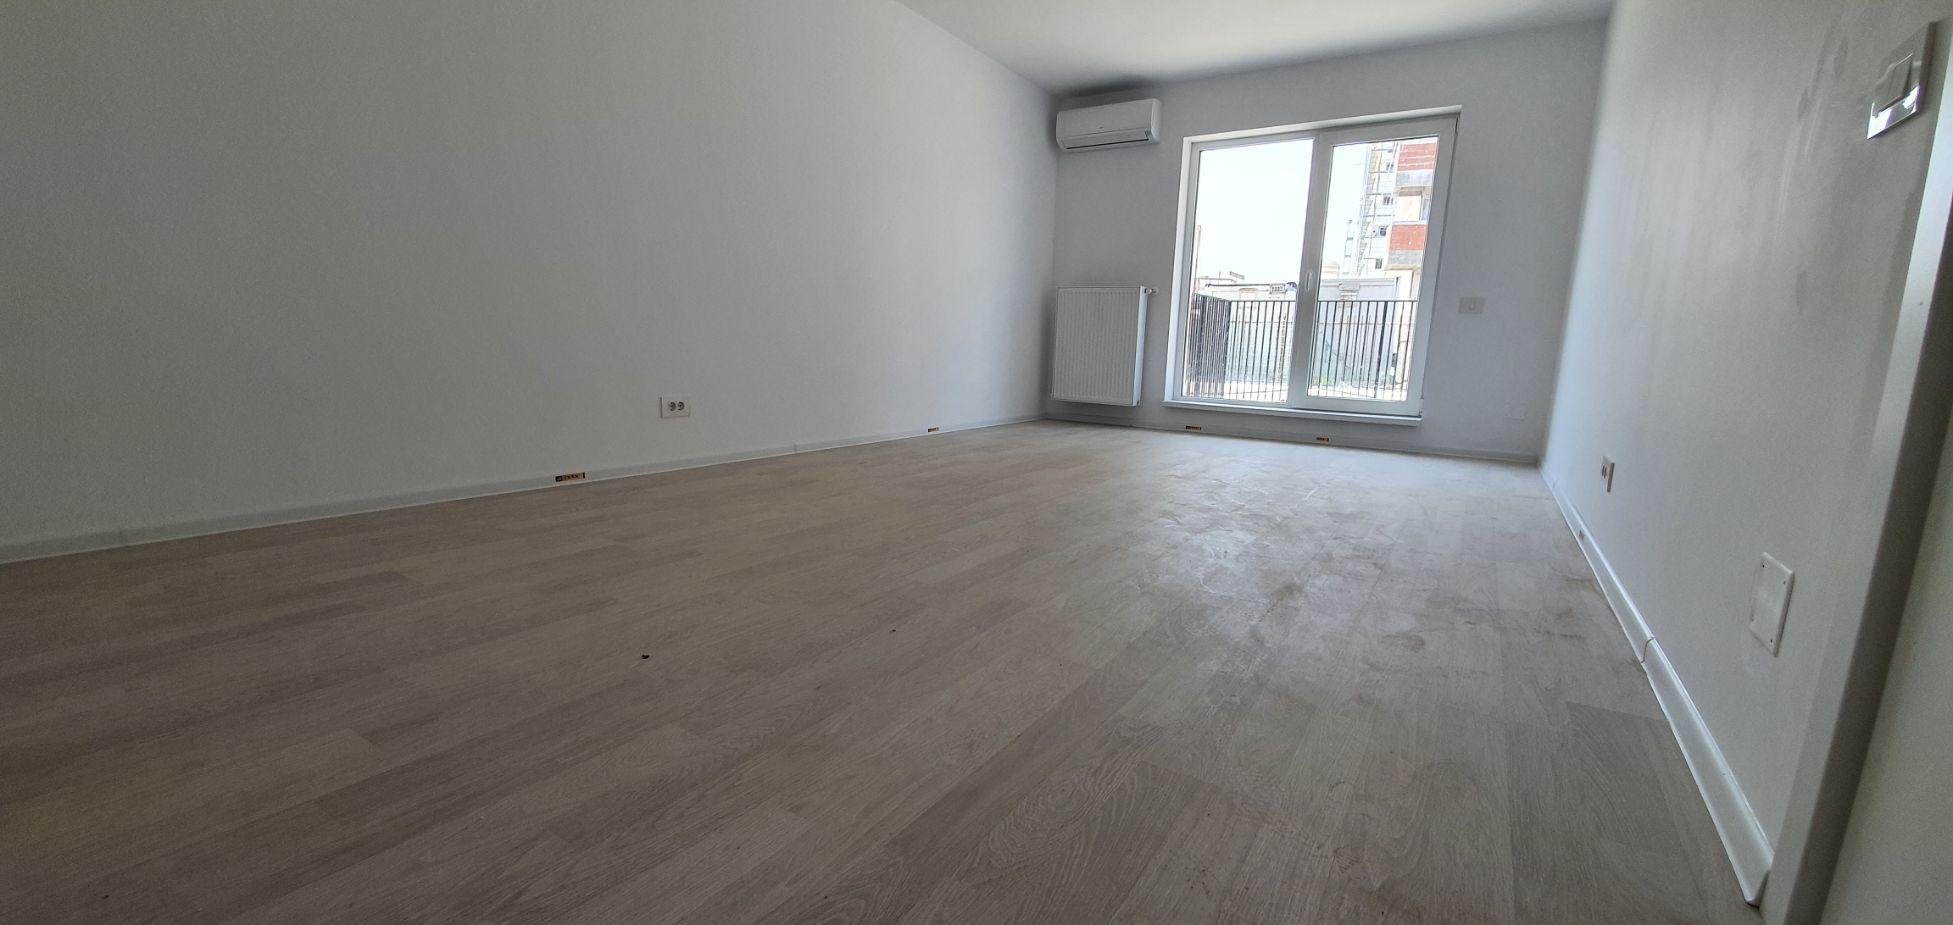 Bloc 1 - Parter - Apartament 06 - Living